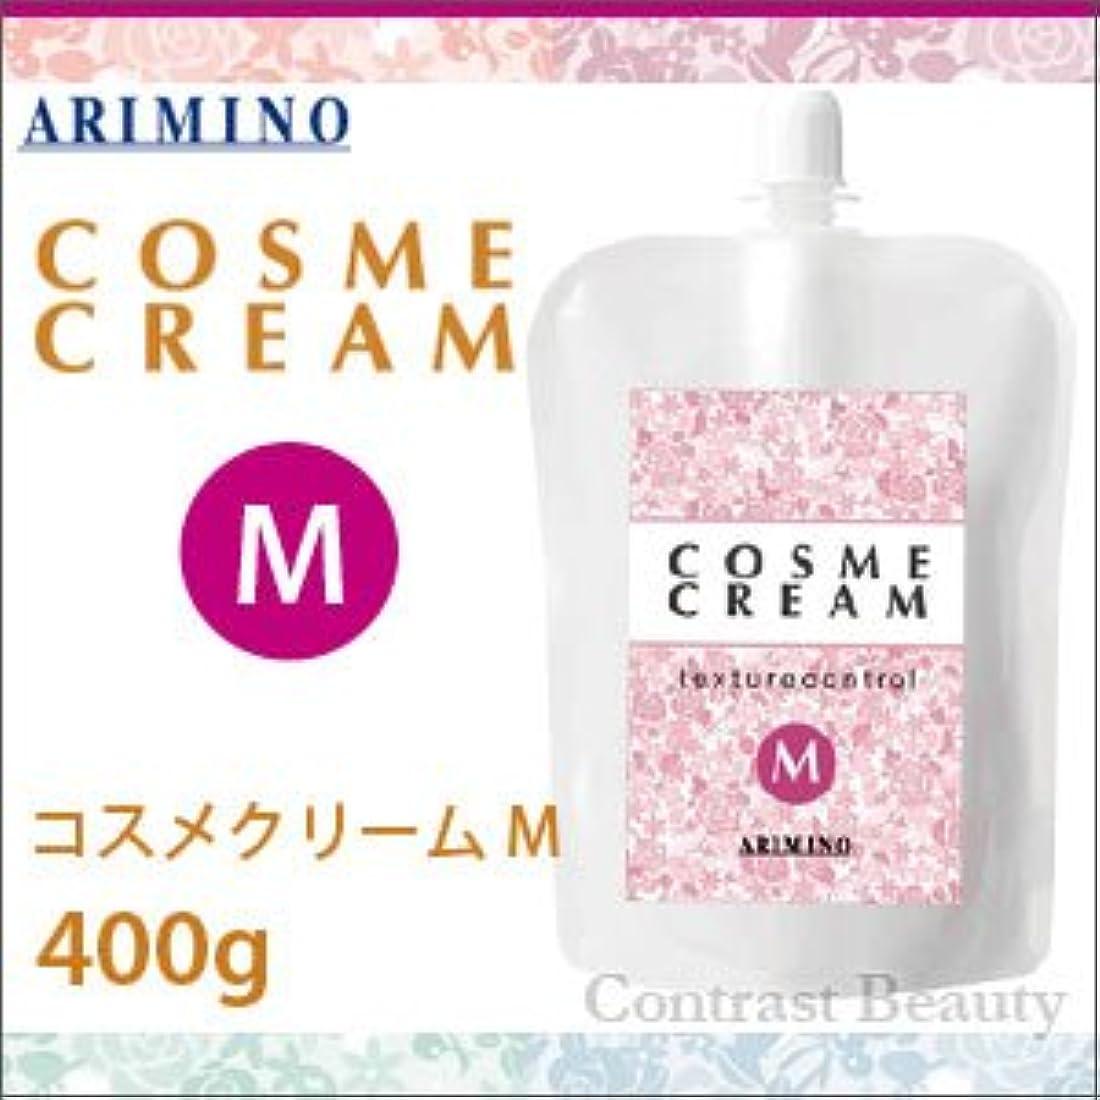 パンツ法廷ポジティブ【X2個セット】 アリミノ コスメクリーム M 400g